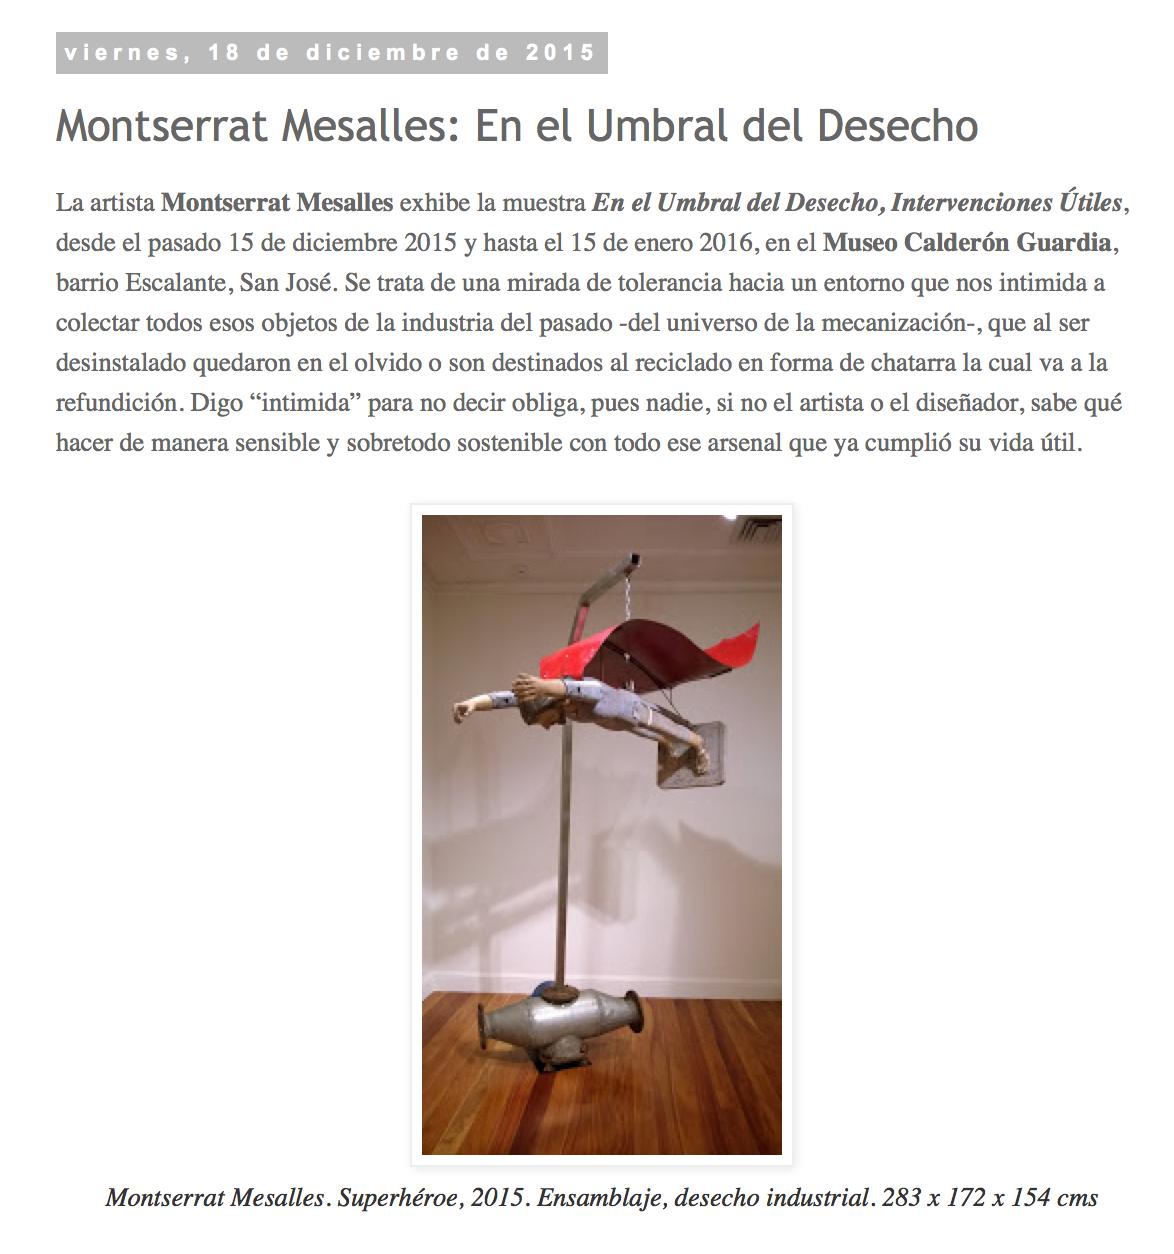 Arbol de Miradas Blog